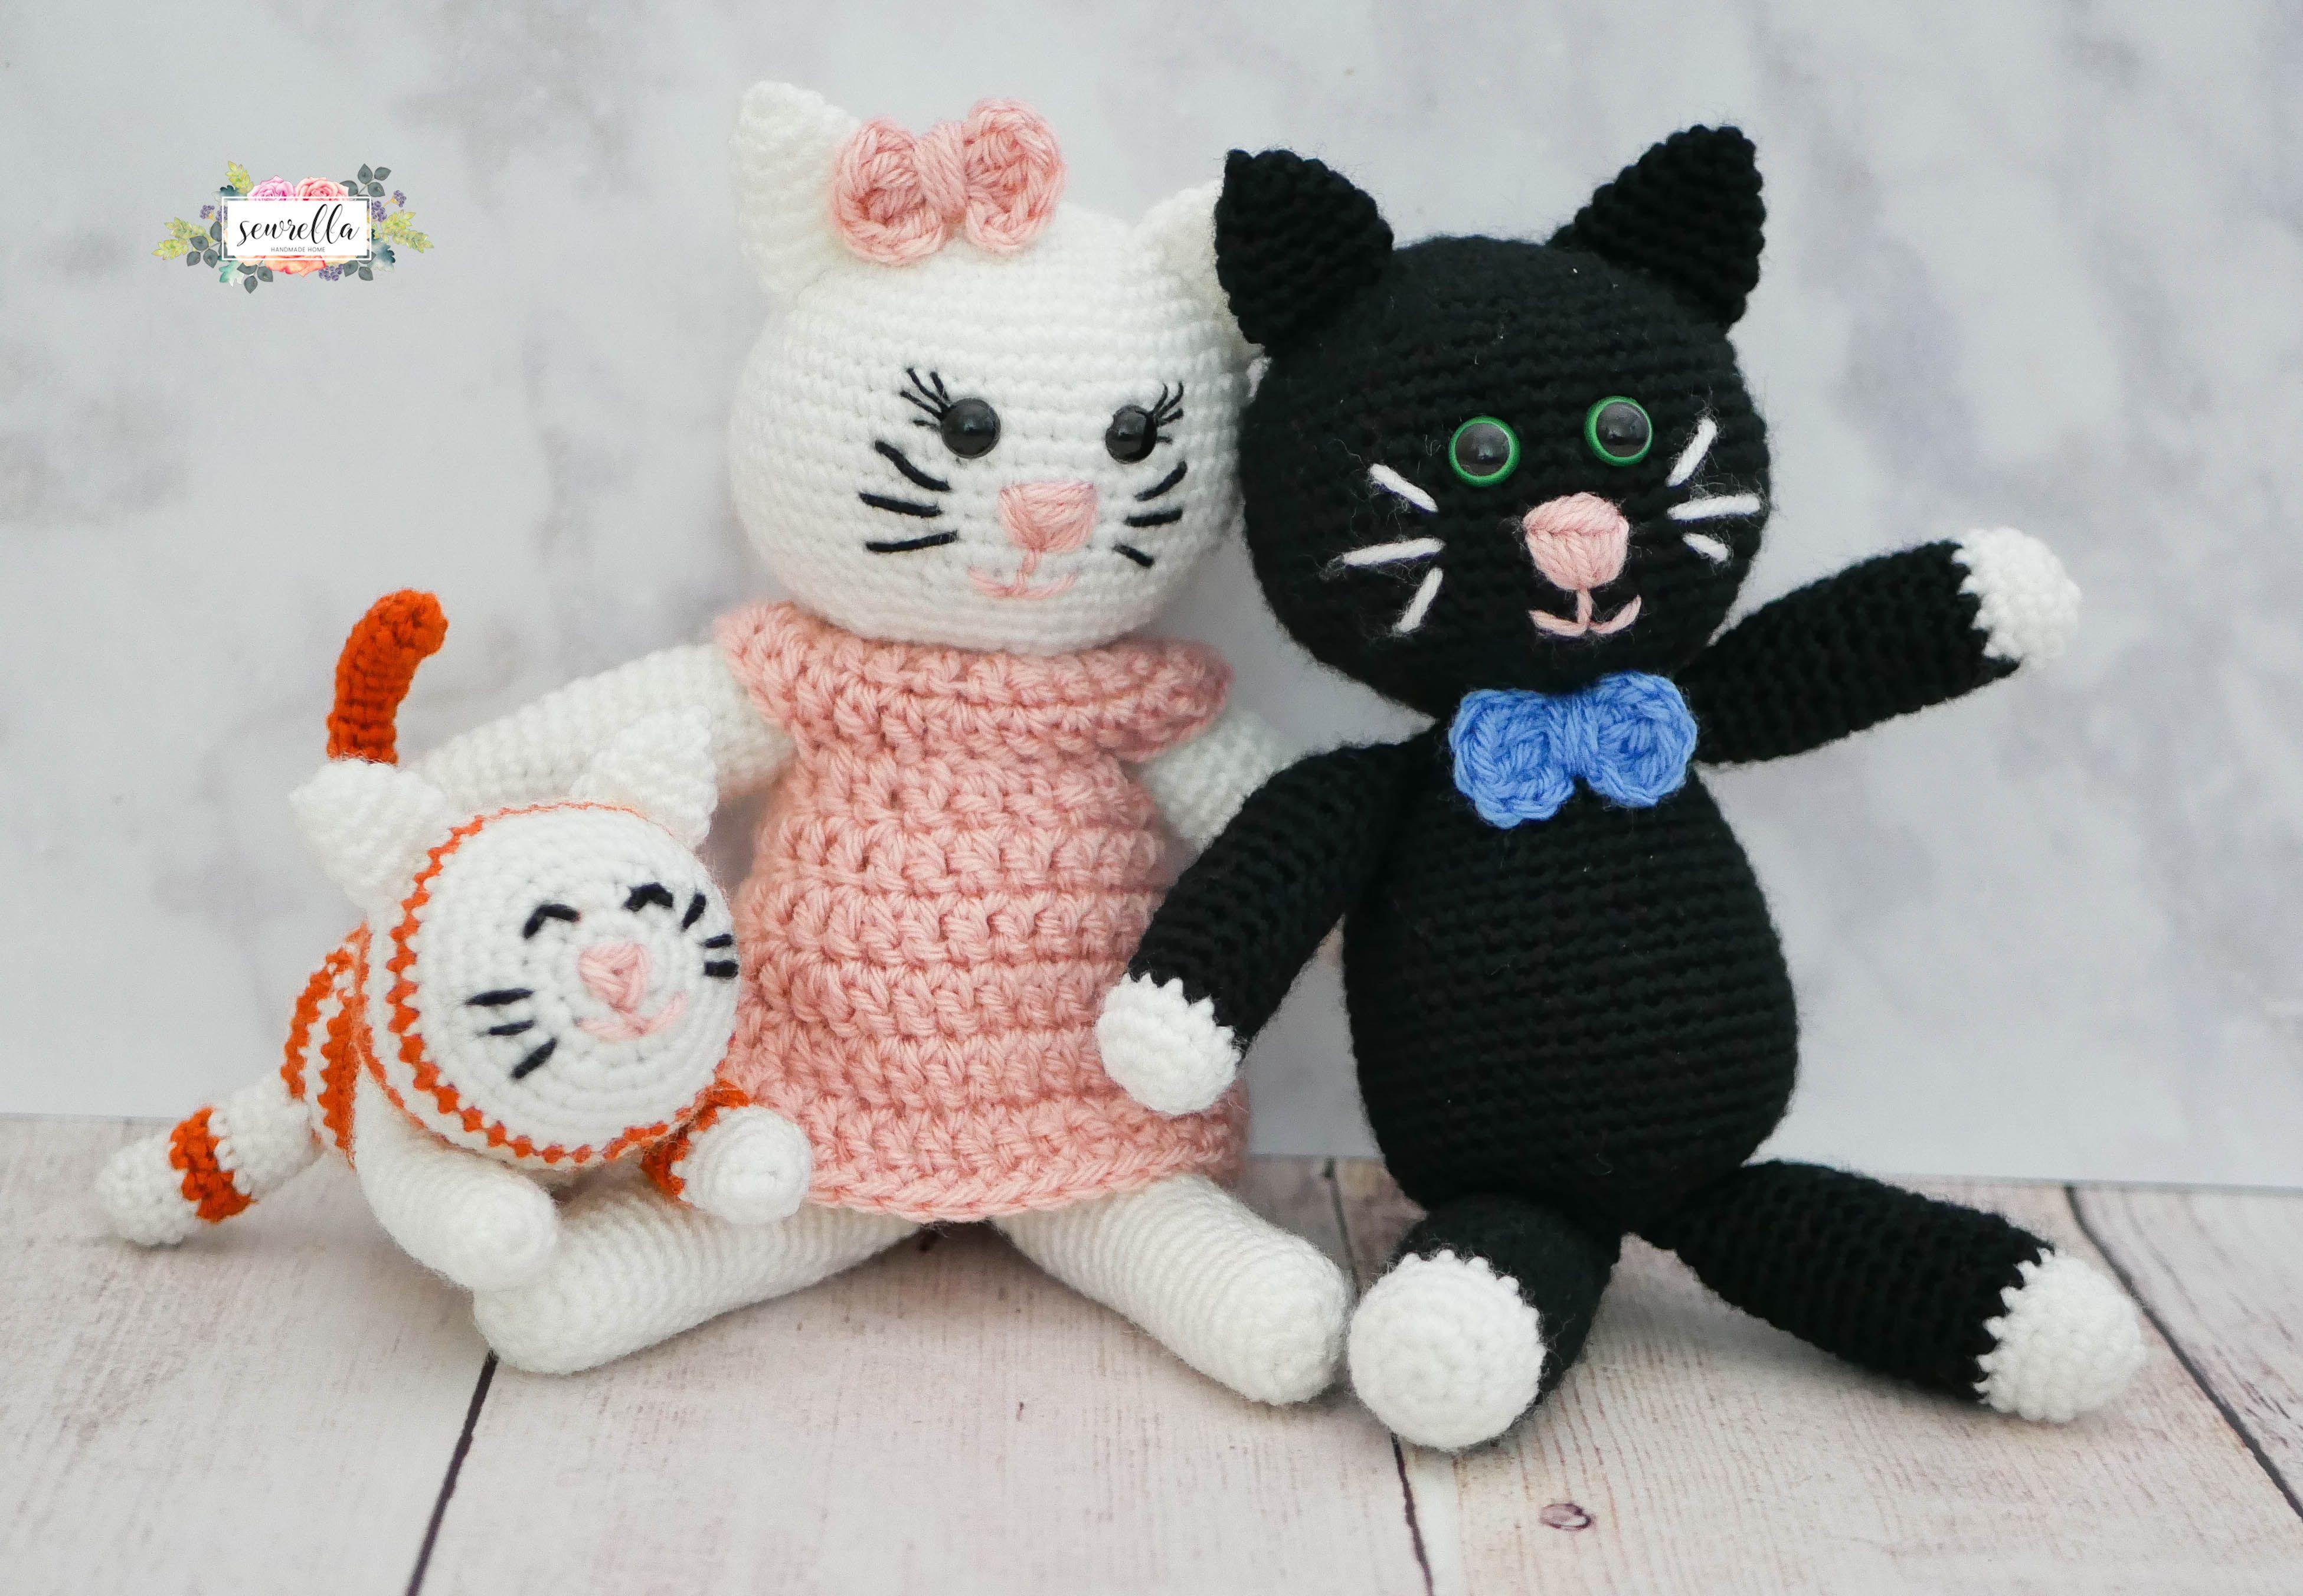 Crochet Kitty Family | Kitten, Crochet and Amigurumi patterns